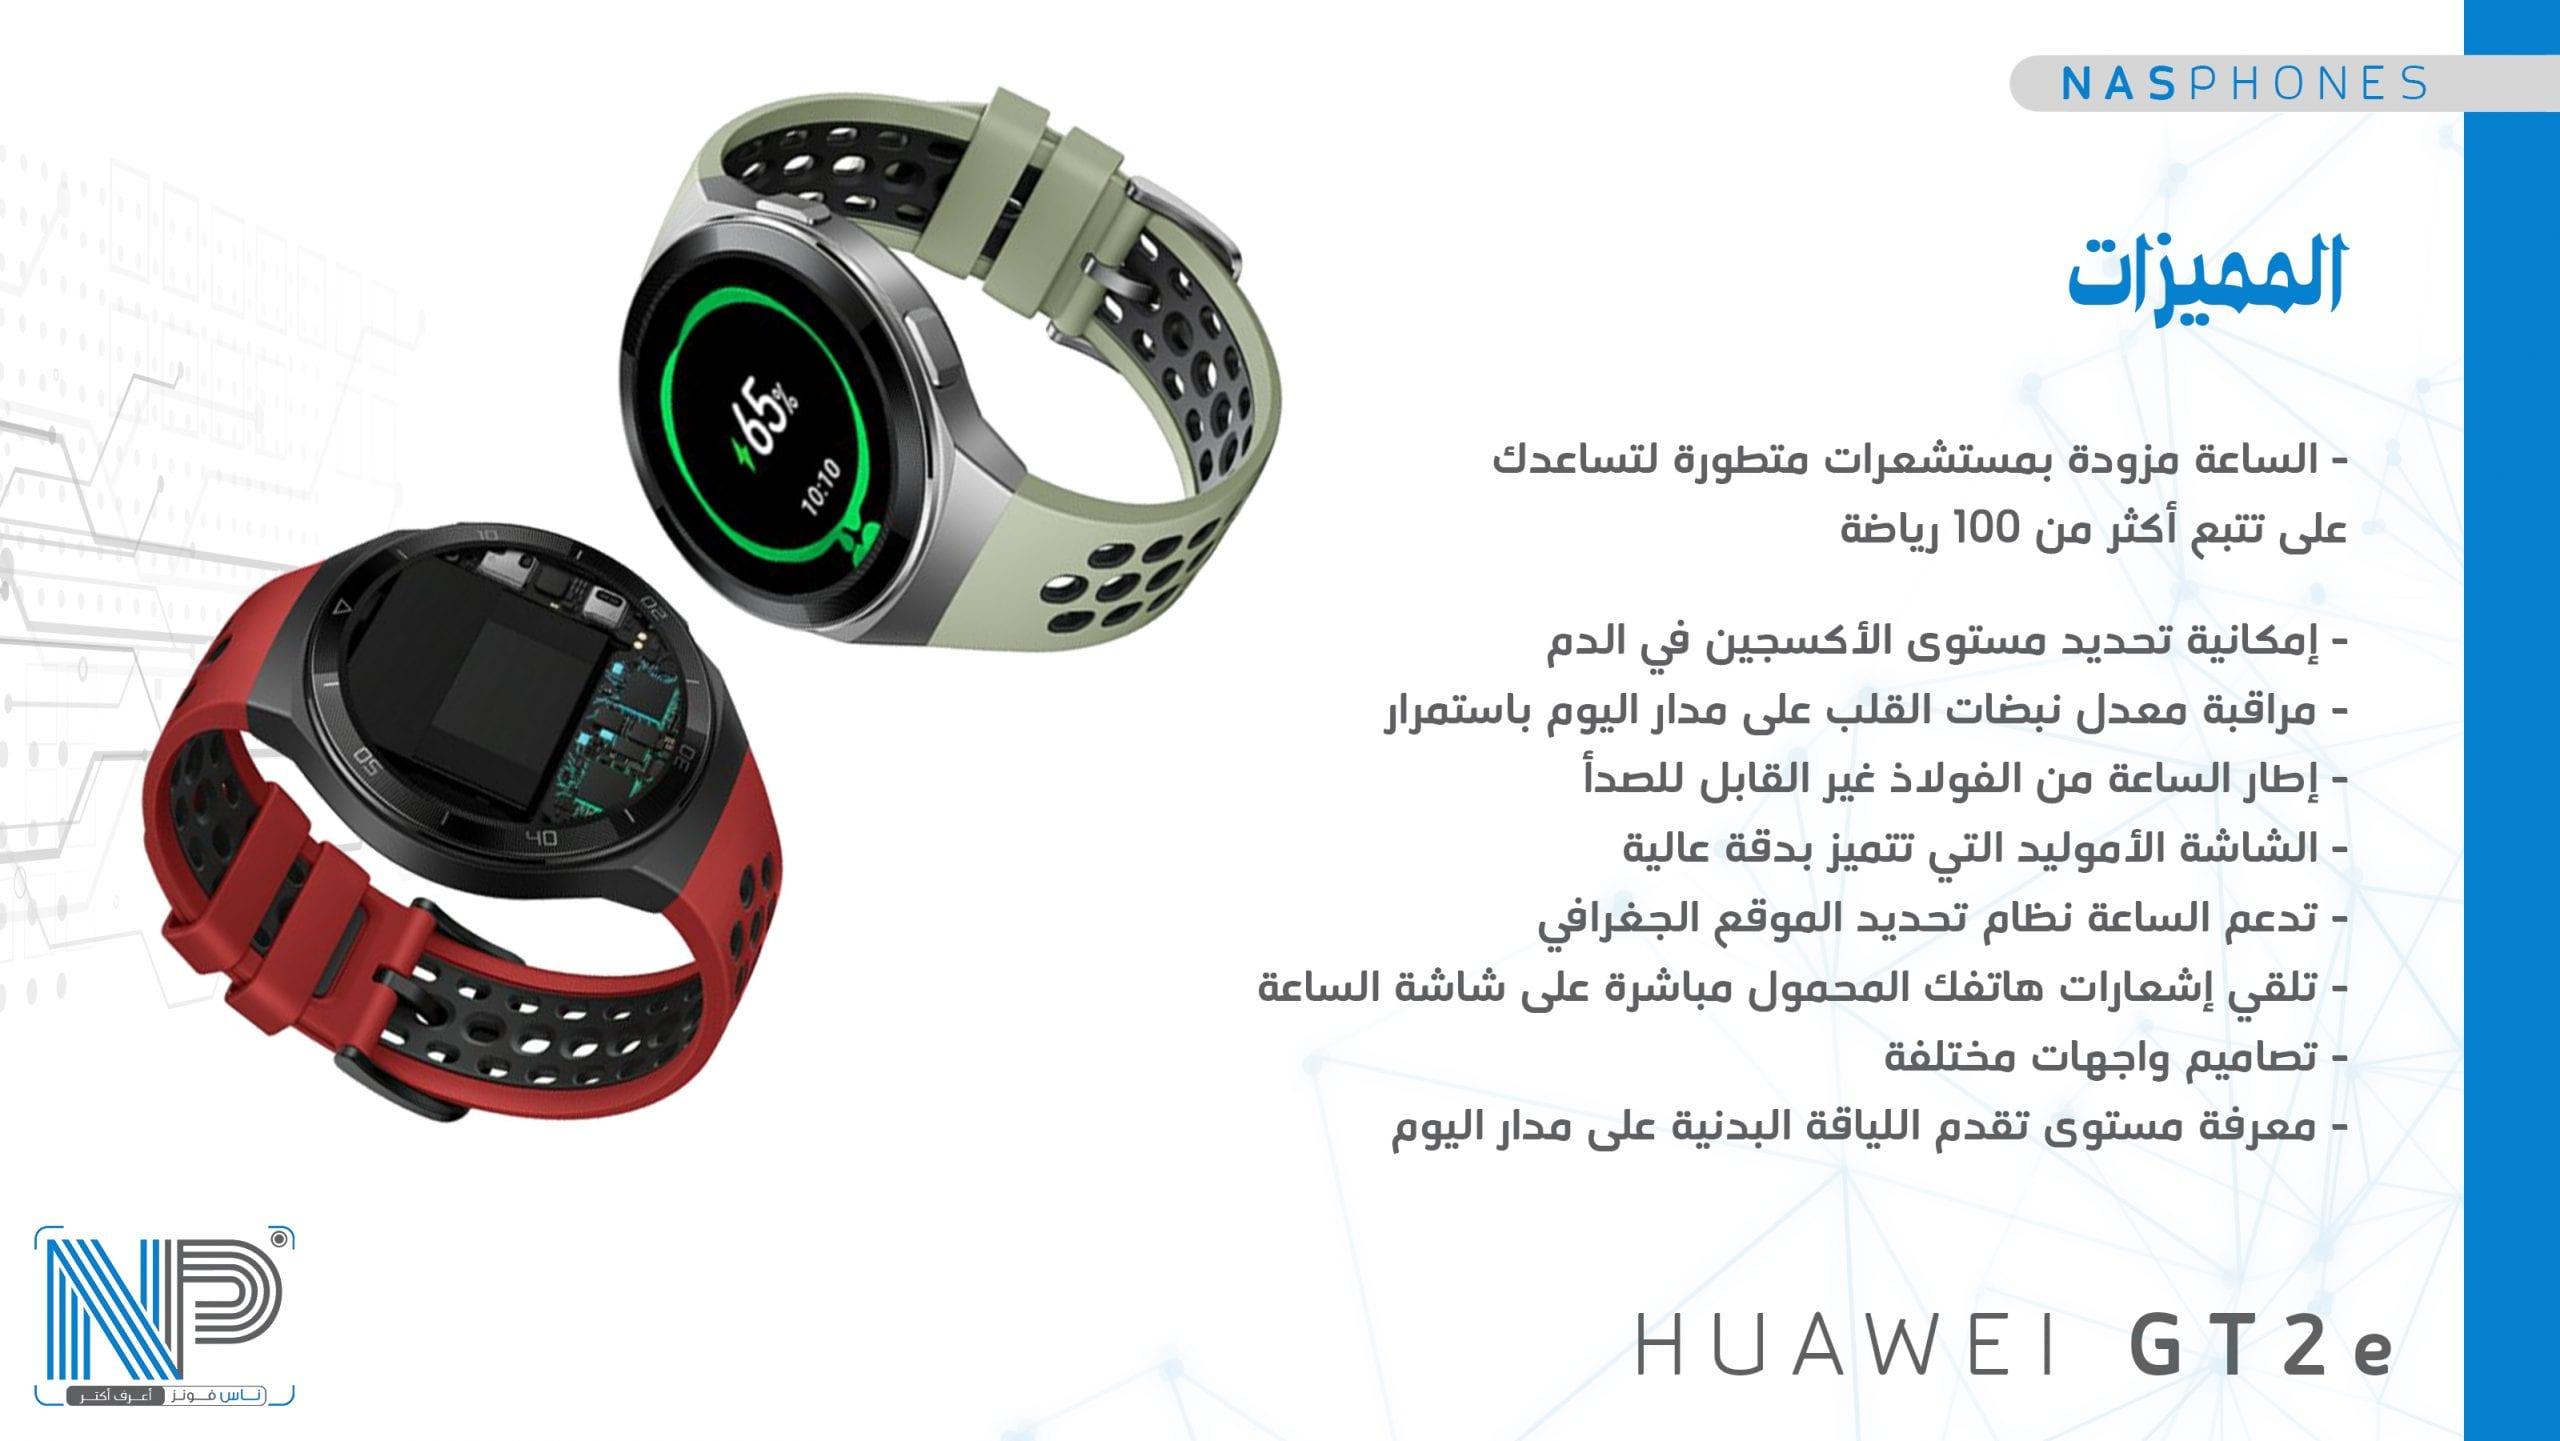 مميزات Huawei GT2e